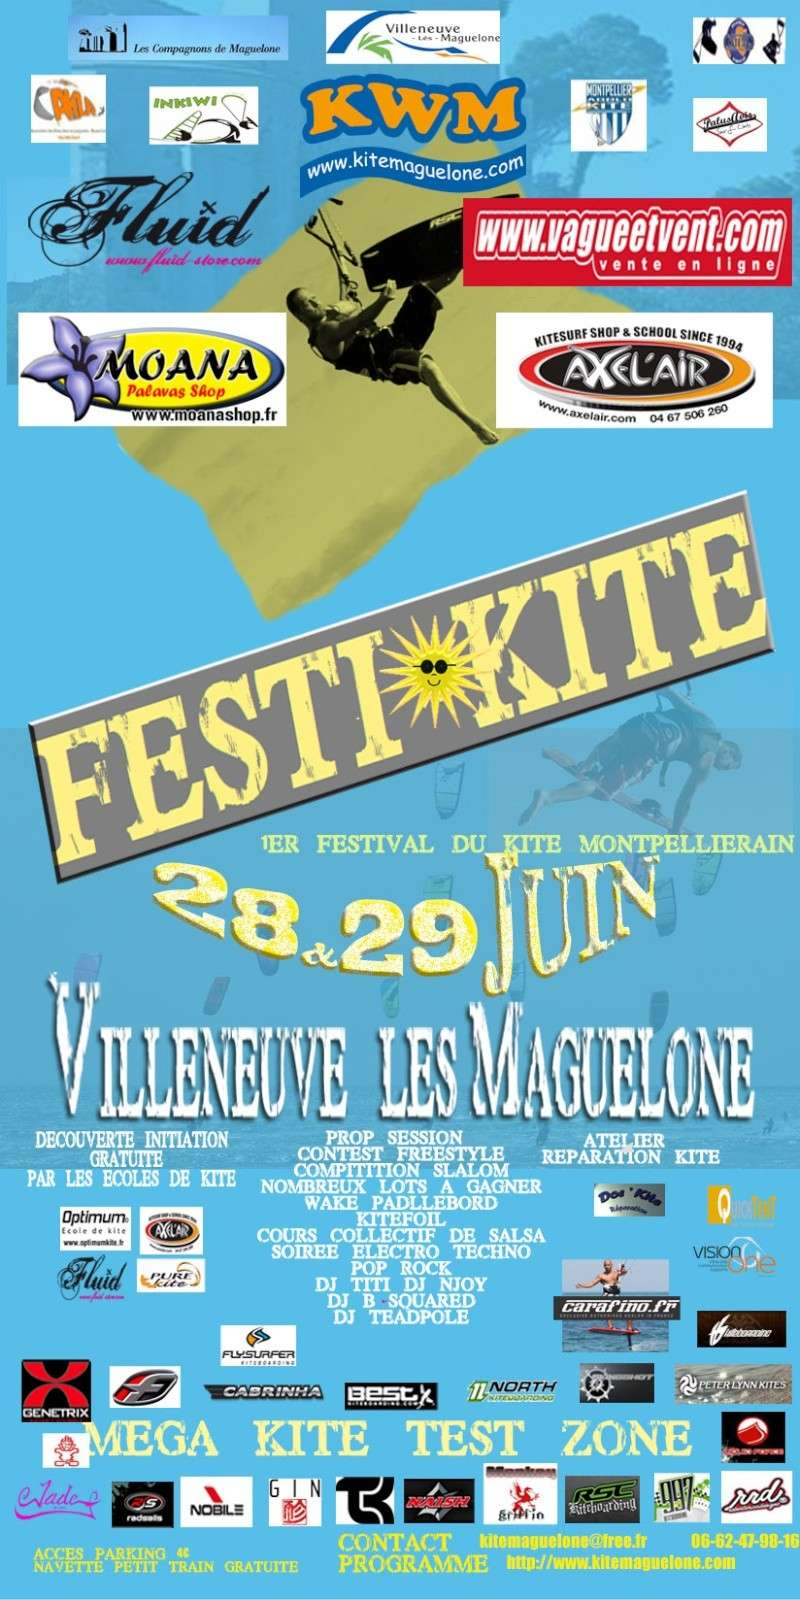 FESTI-KITE 28 29 Juin Affich11